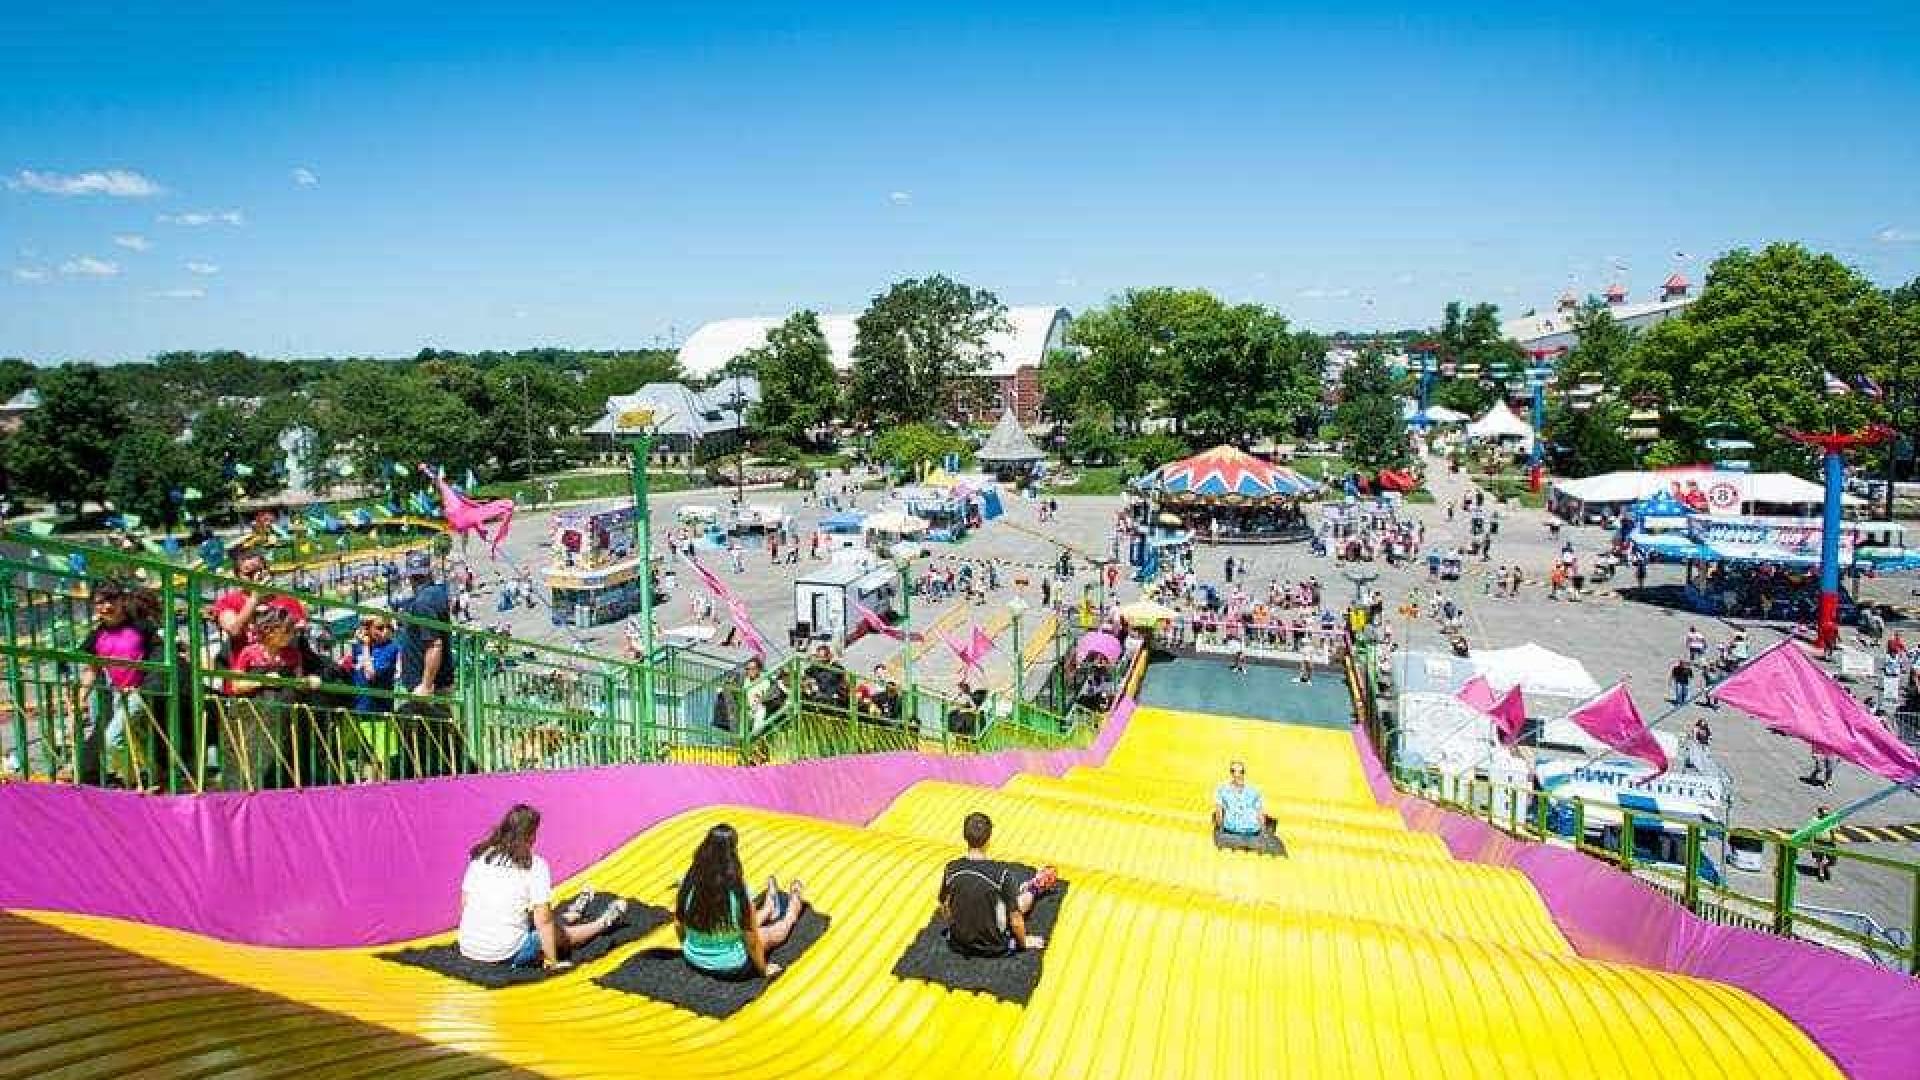 Acidente em parque de diversões faz um morto e sete feridos